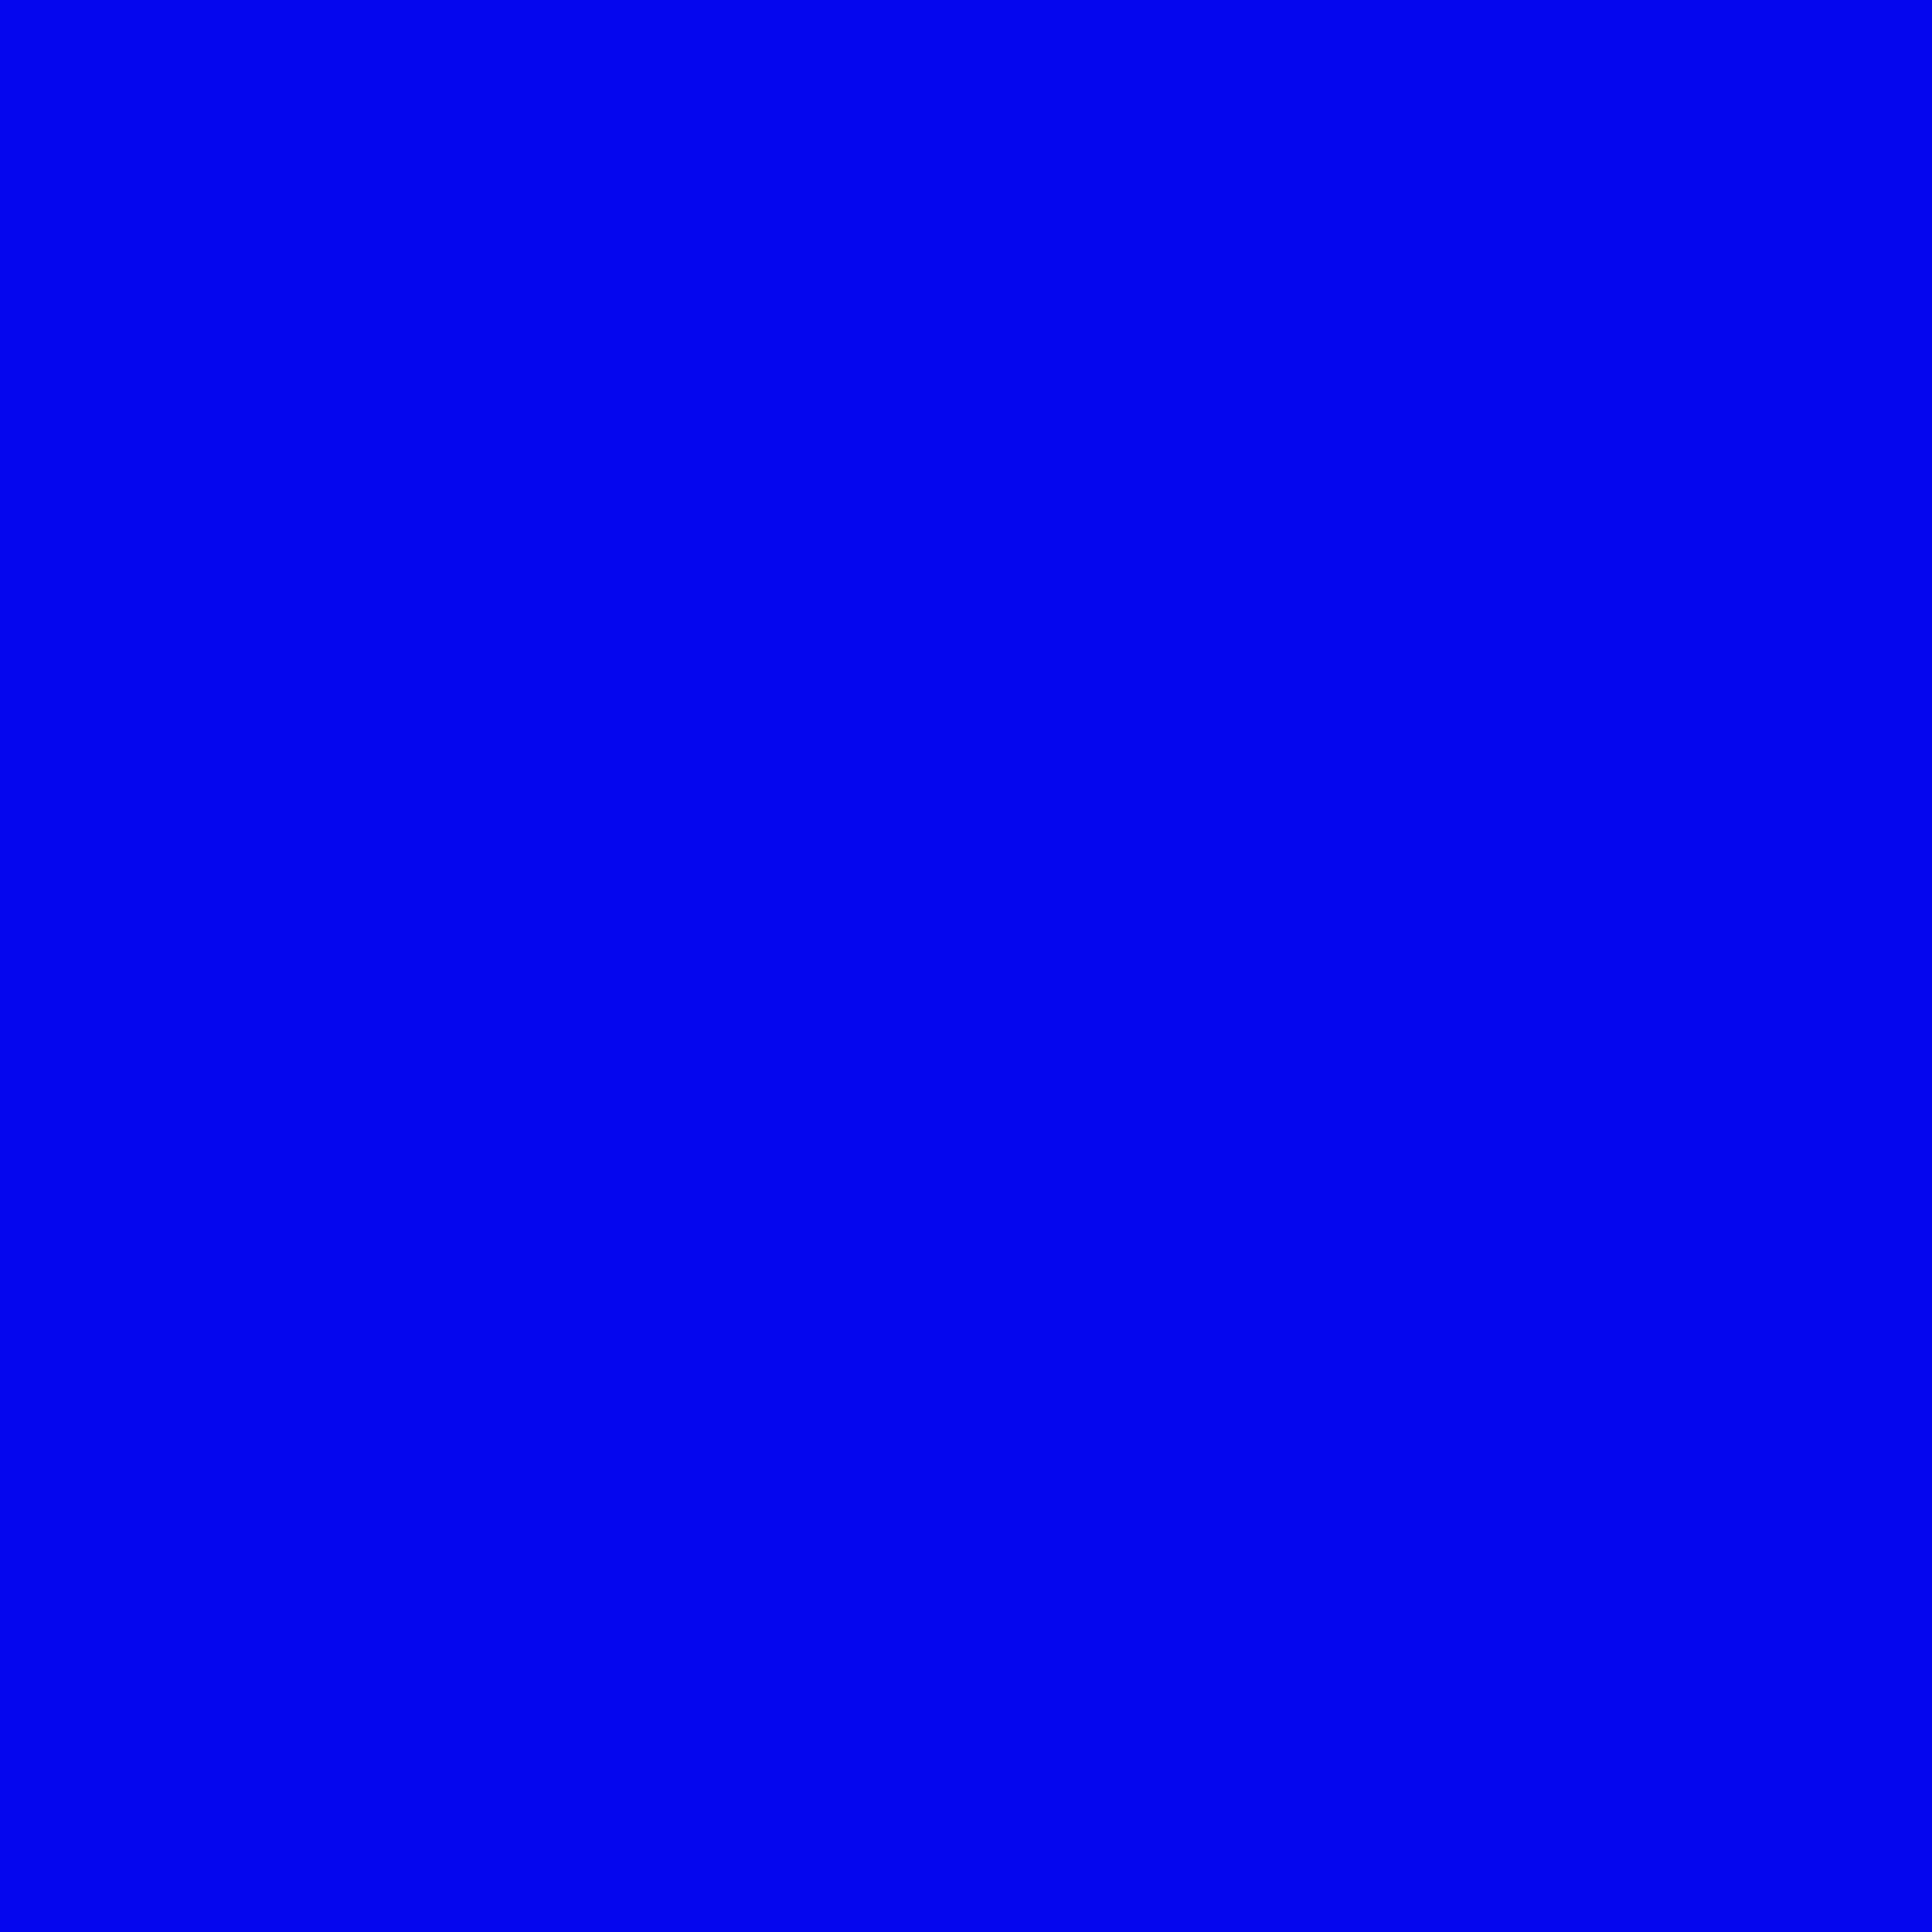 Blue, Union